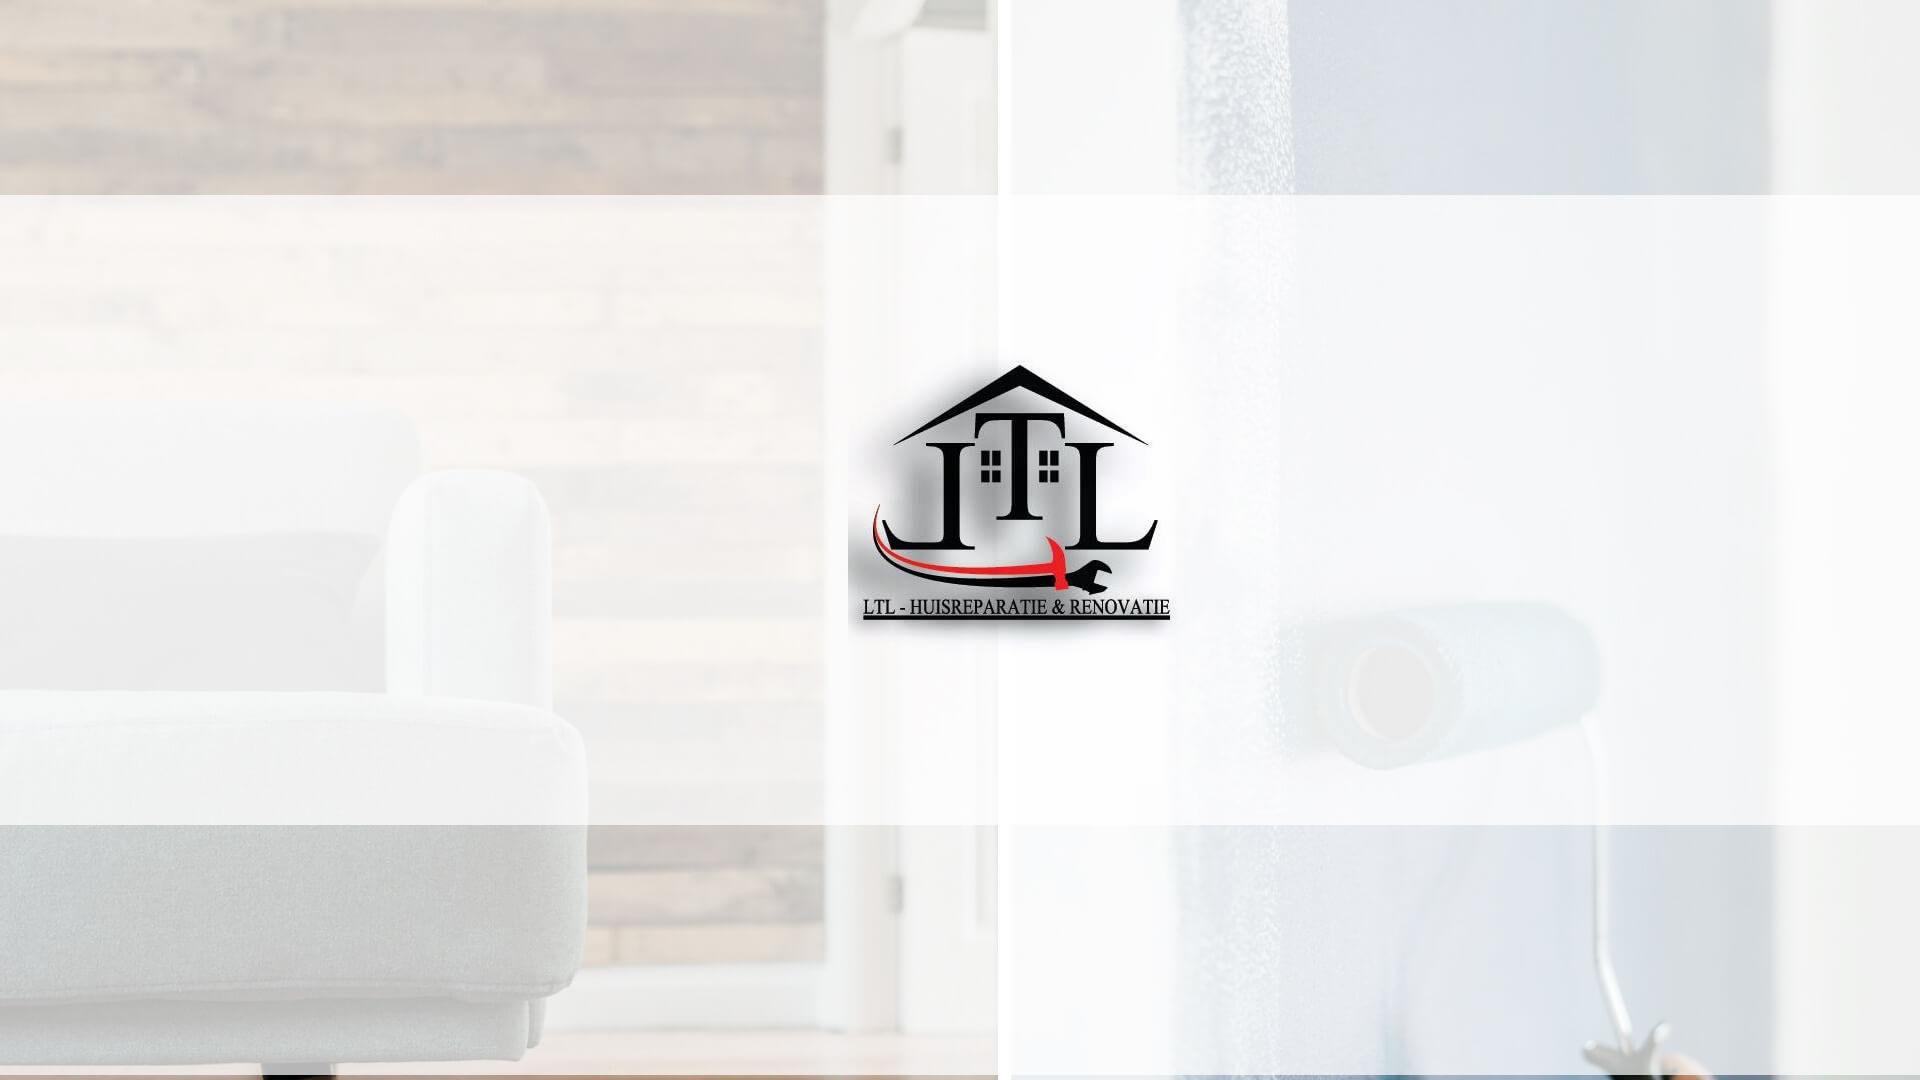 LTL-Huisreparaties & Renovaties